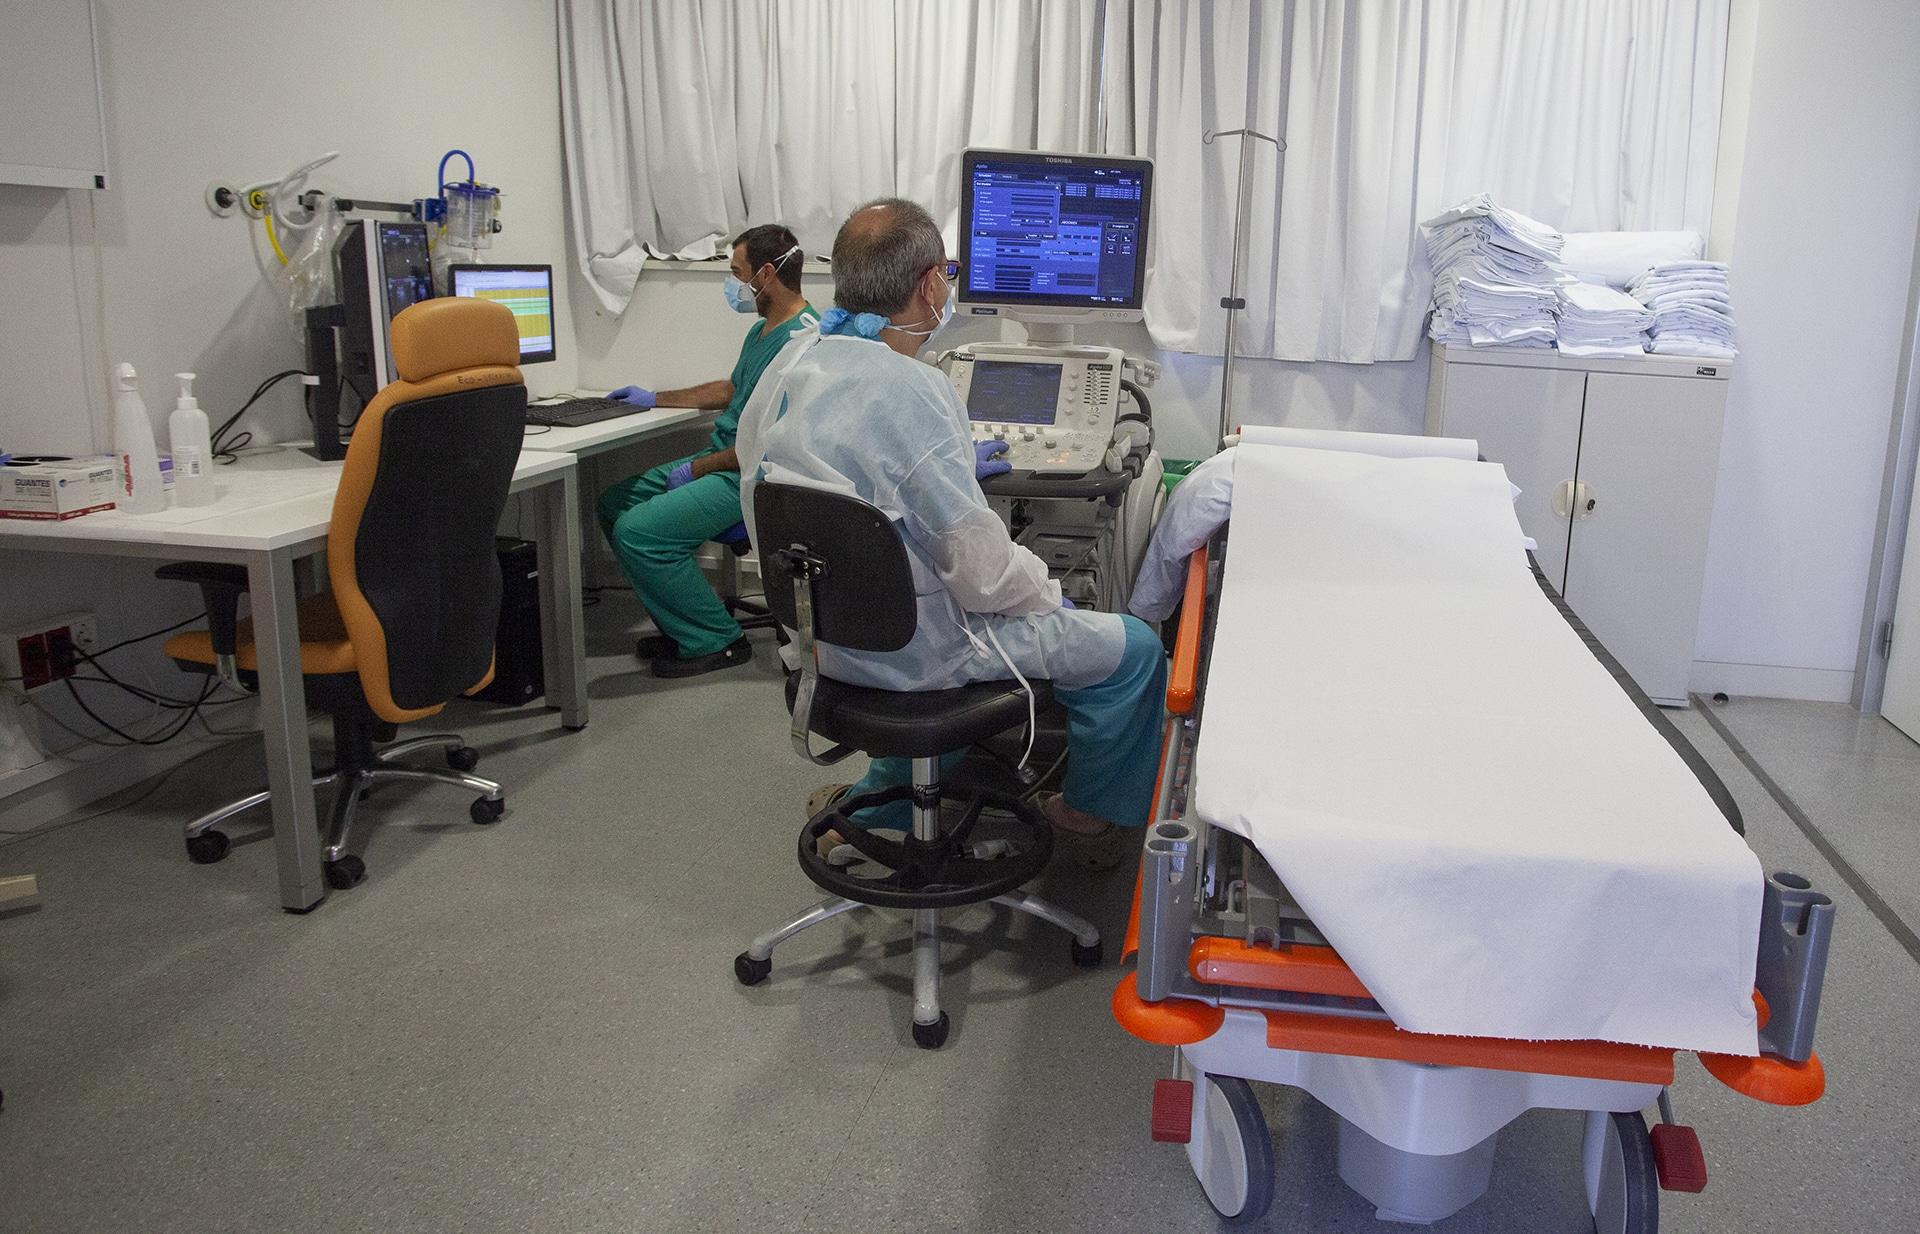 La Rioja recuperará el 100% de los servicios de radiología externalizados que se realizan en las instalaciones públicas 1